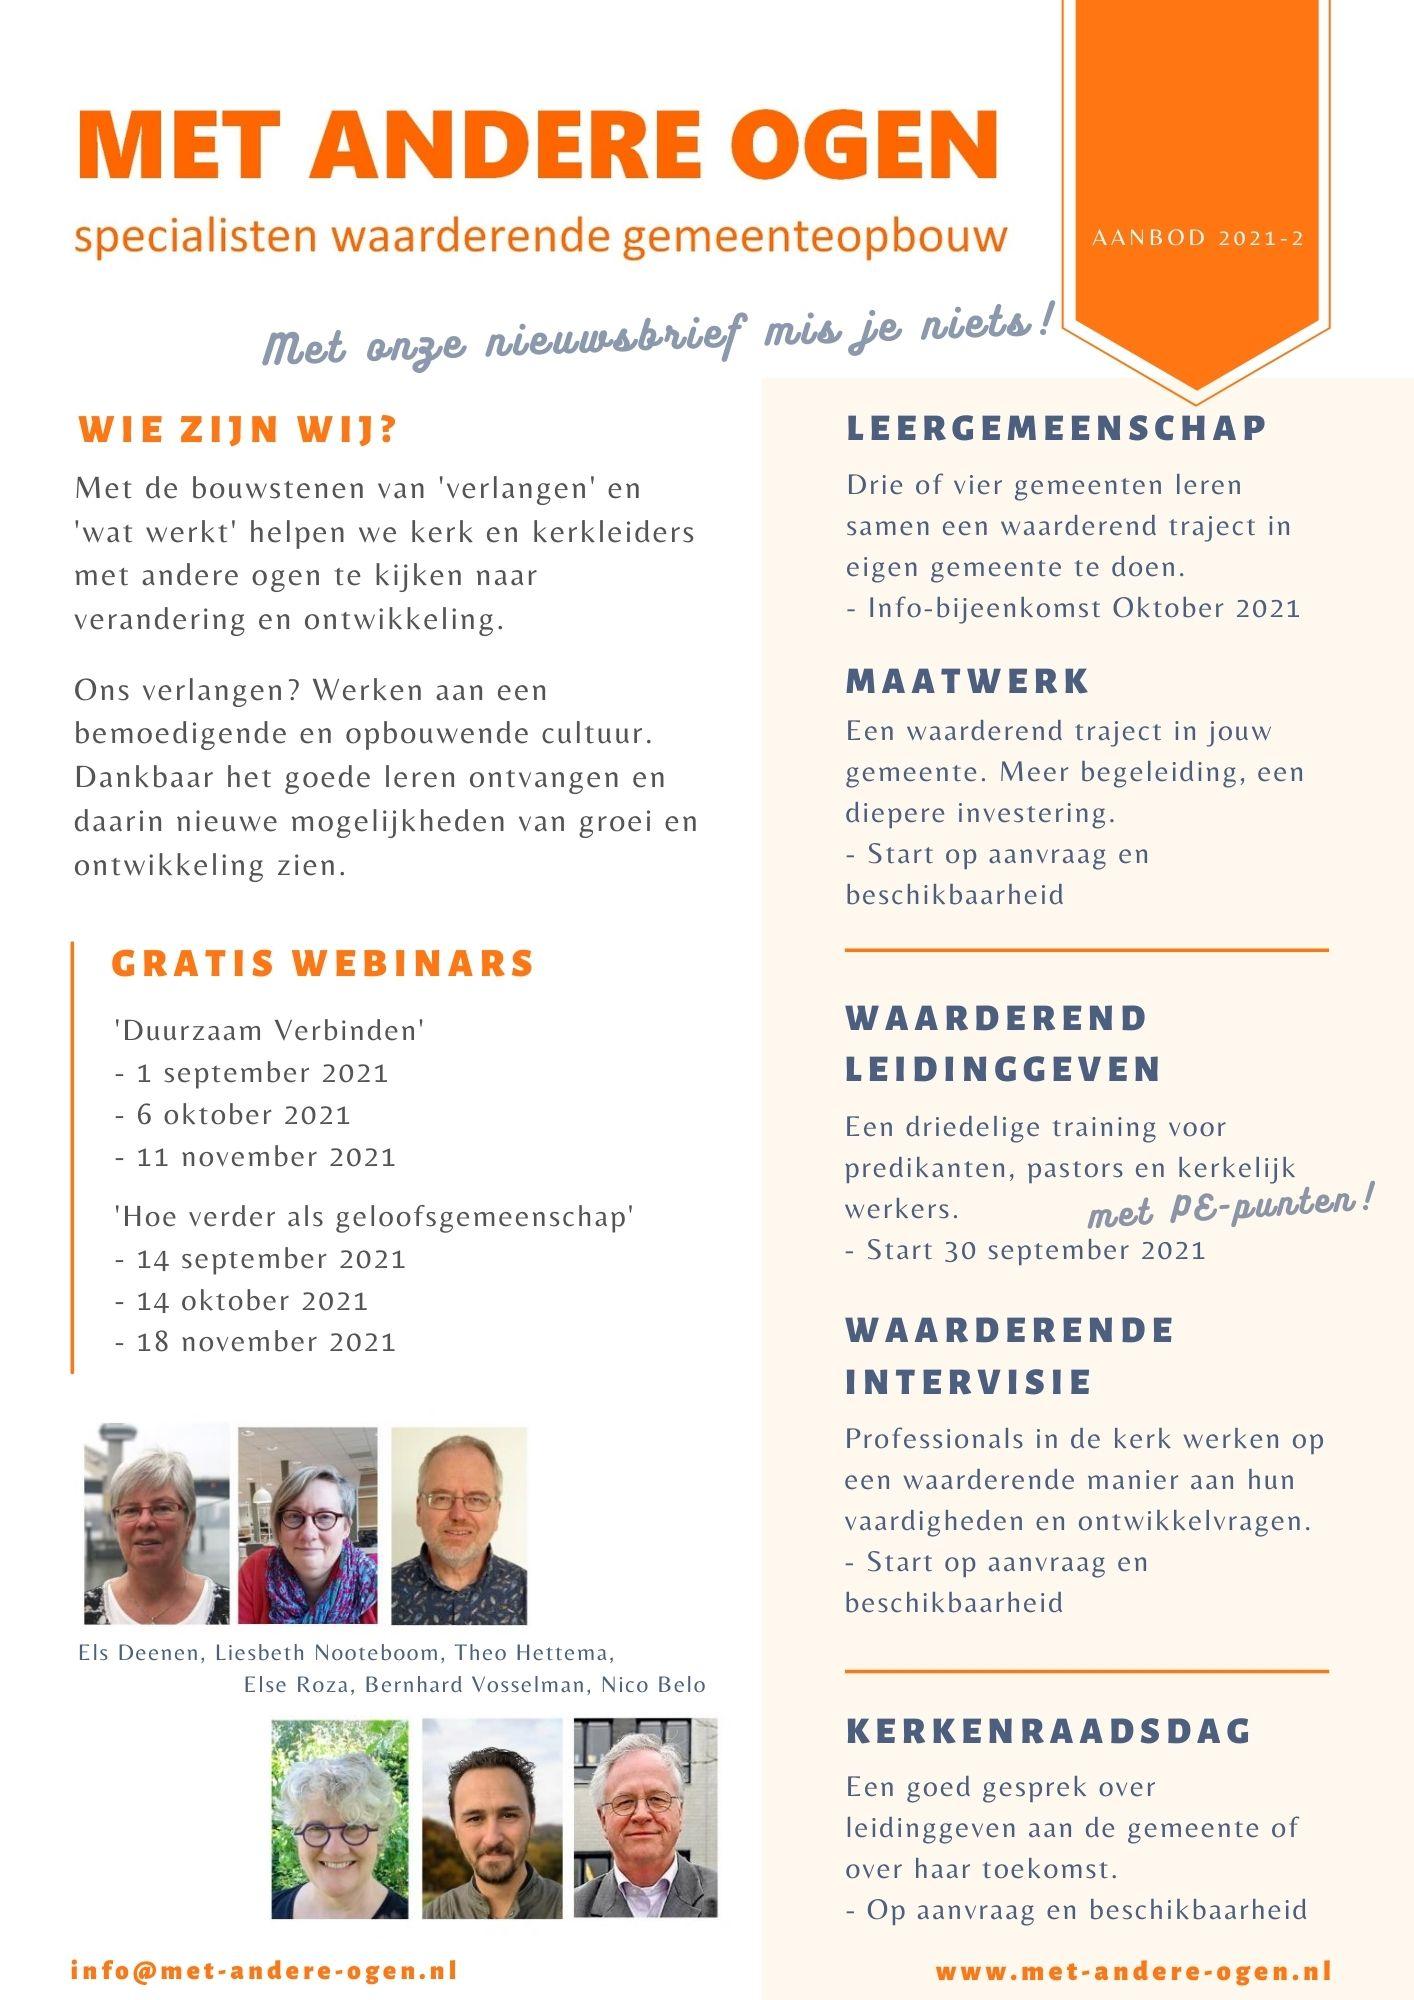 Agenda najaar 2021 gratis webinars MET ANDERE OGEN - waarderende gemeenteopbouw